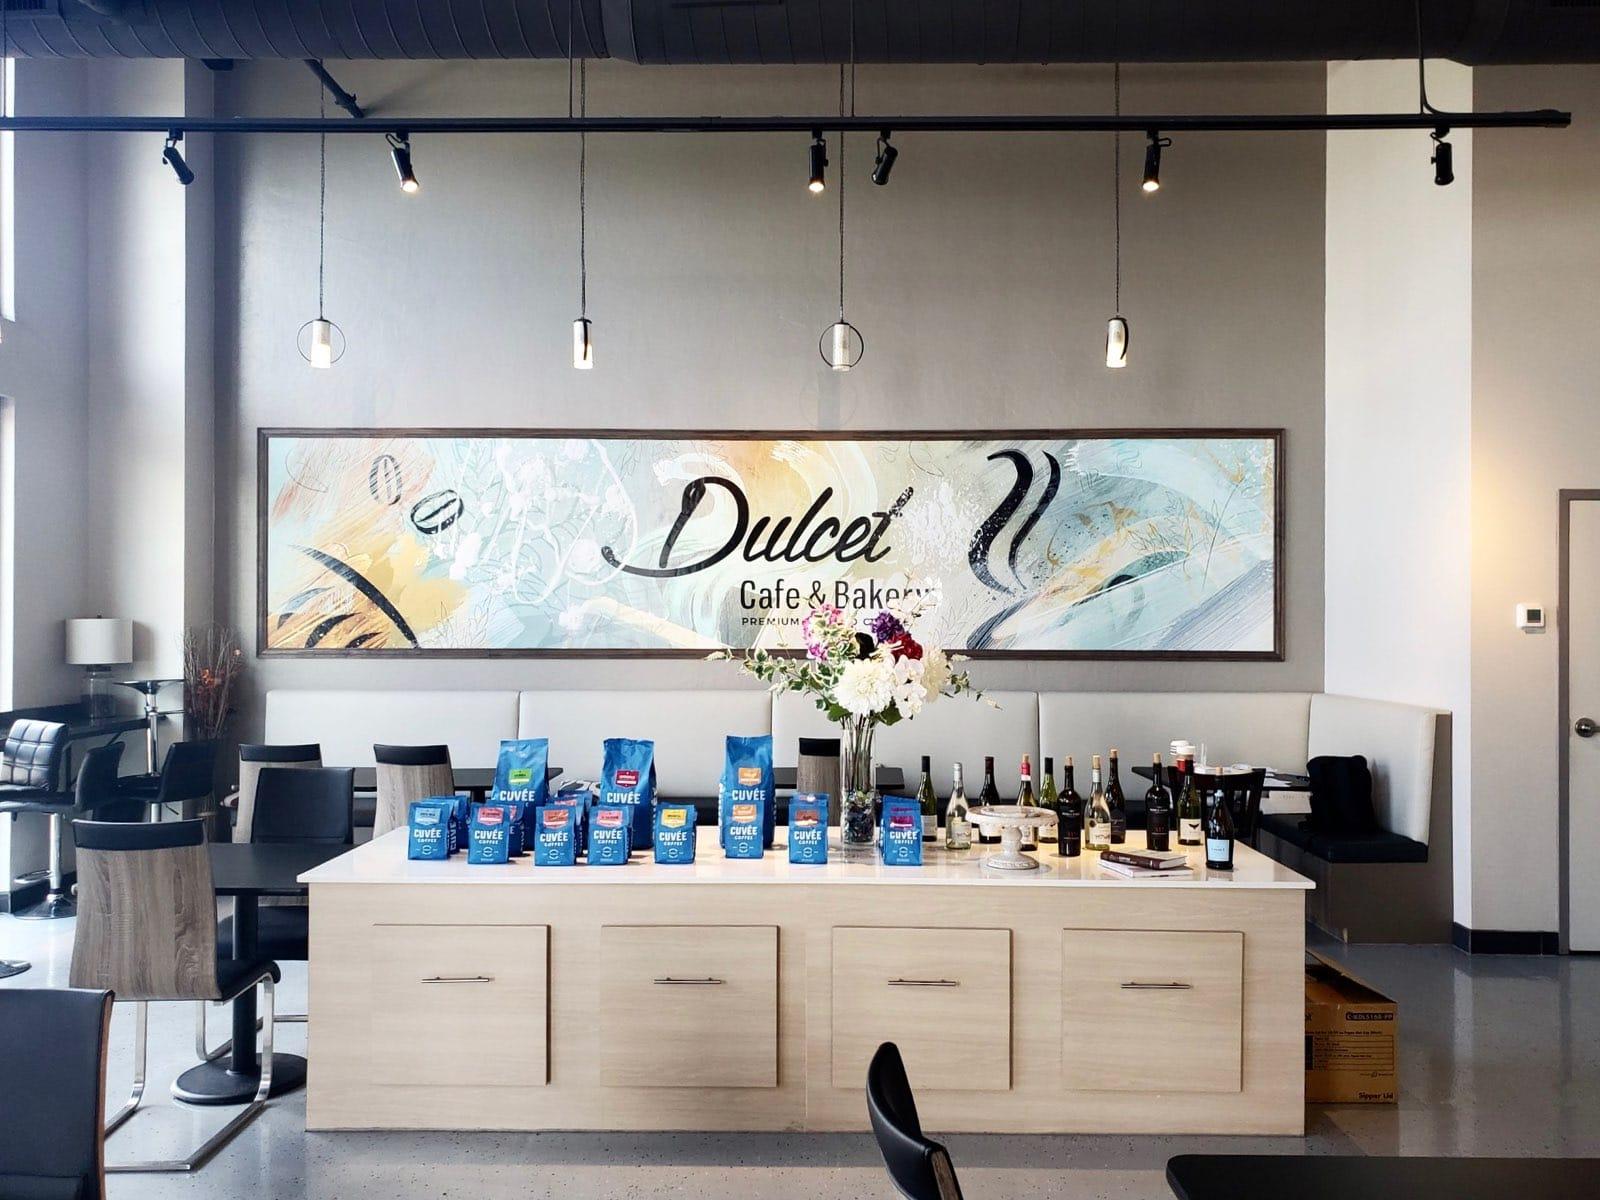 inside of dulcet cafe & bakery in dallas, tx